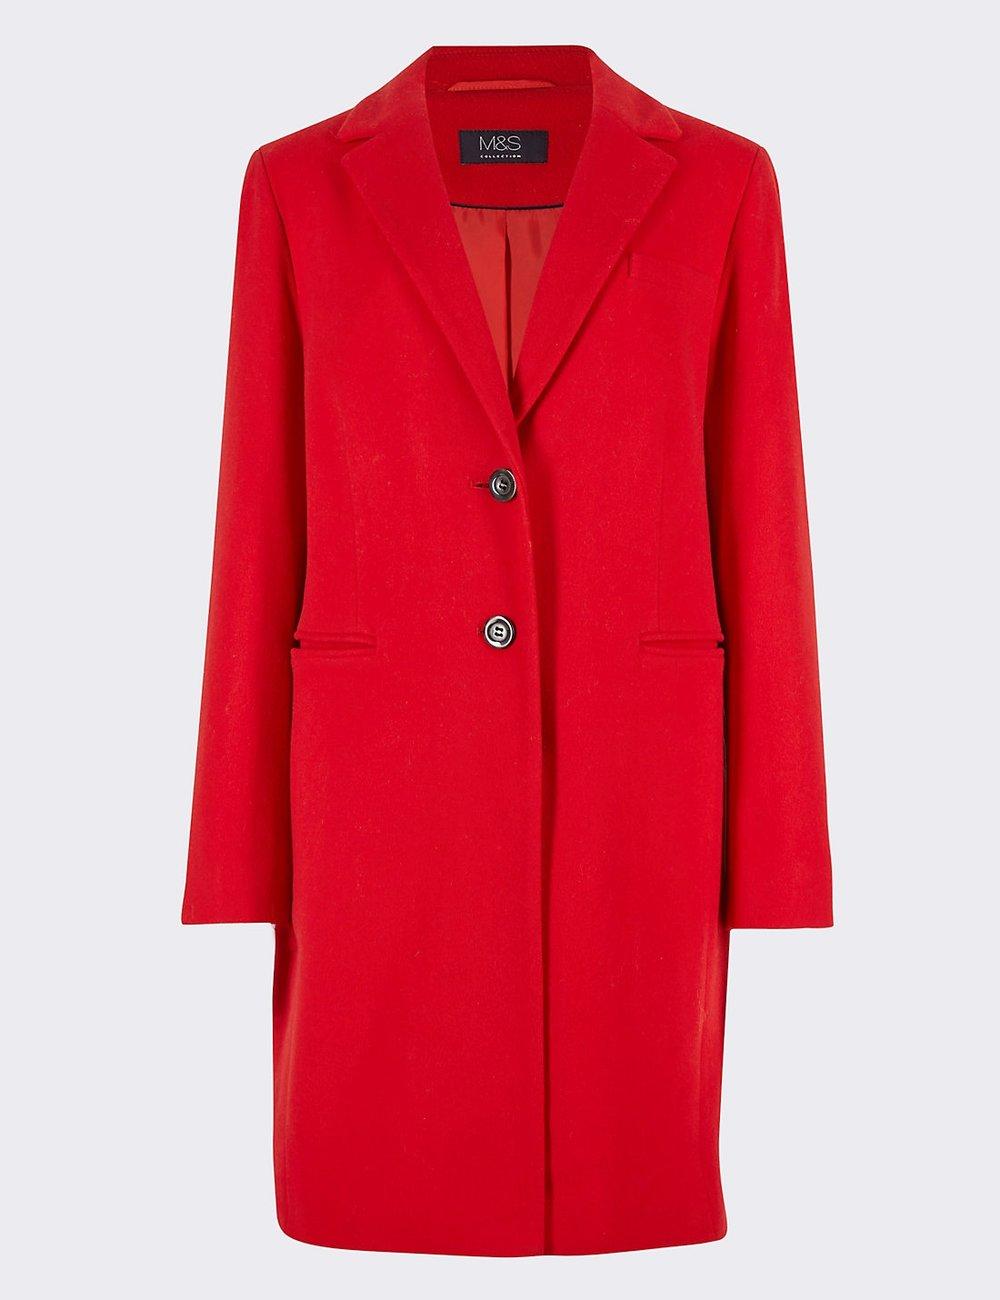 Coat, £119, M&S